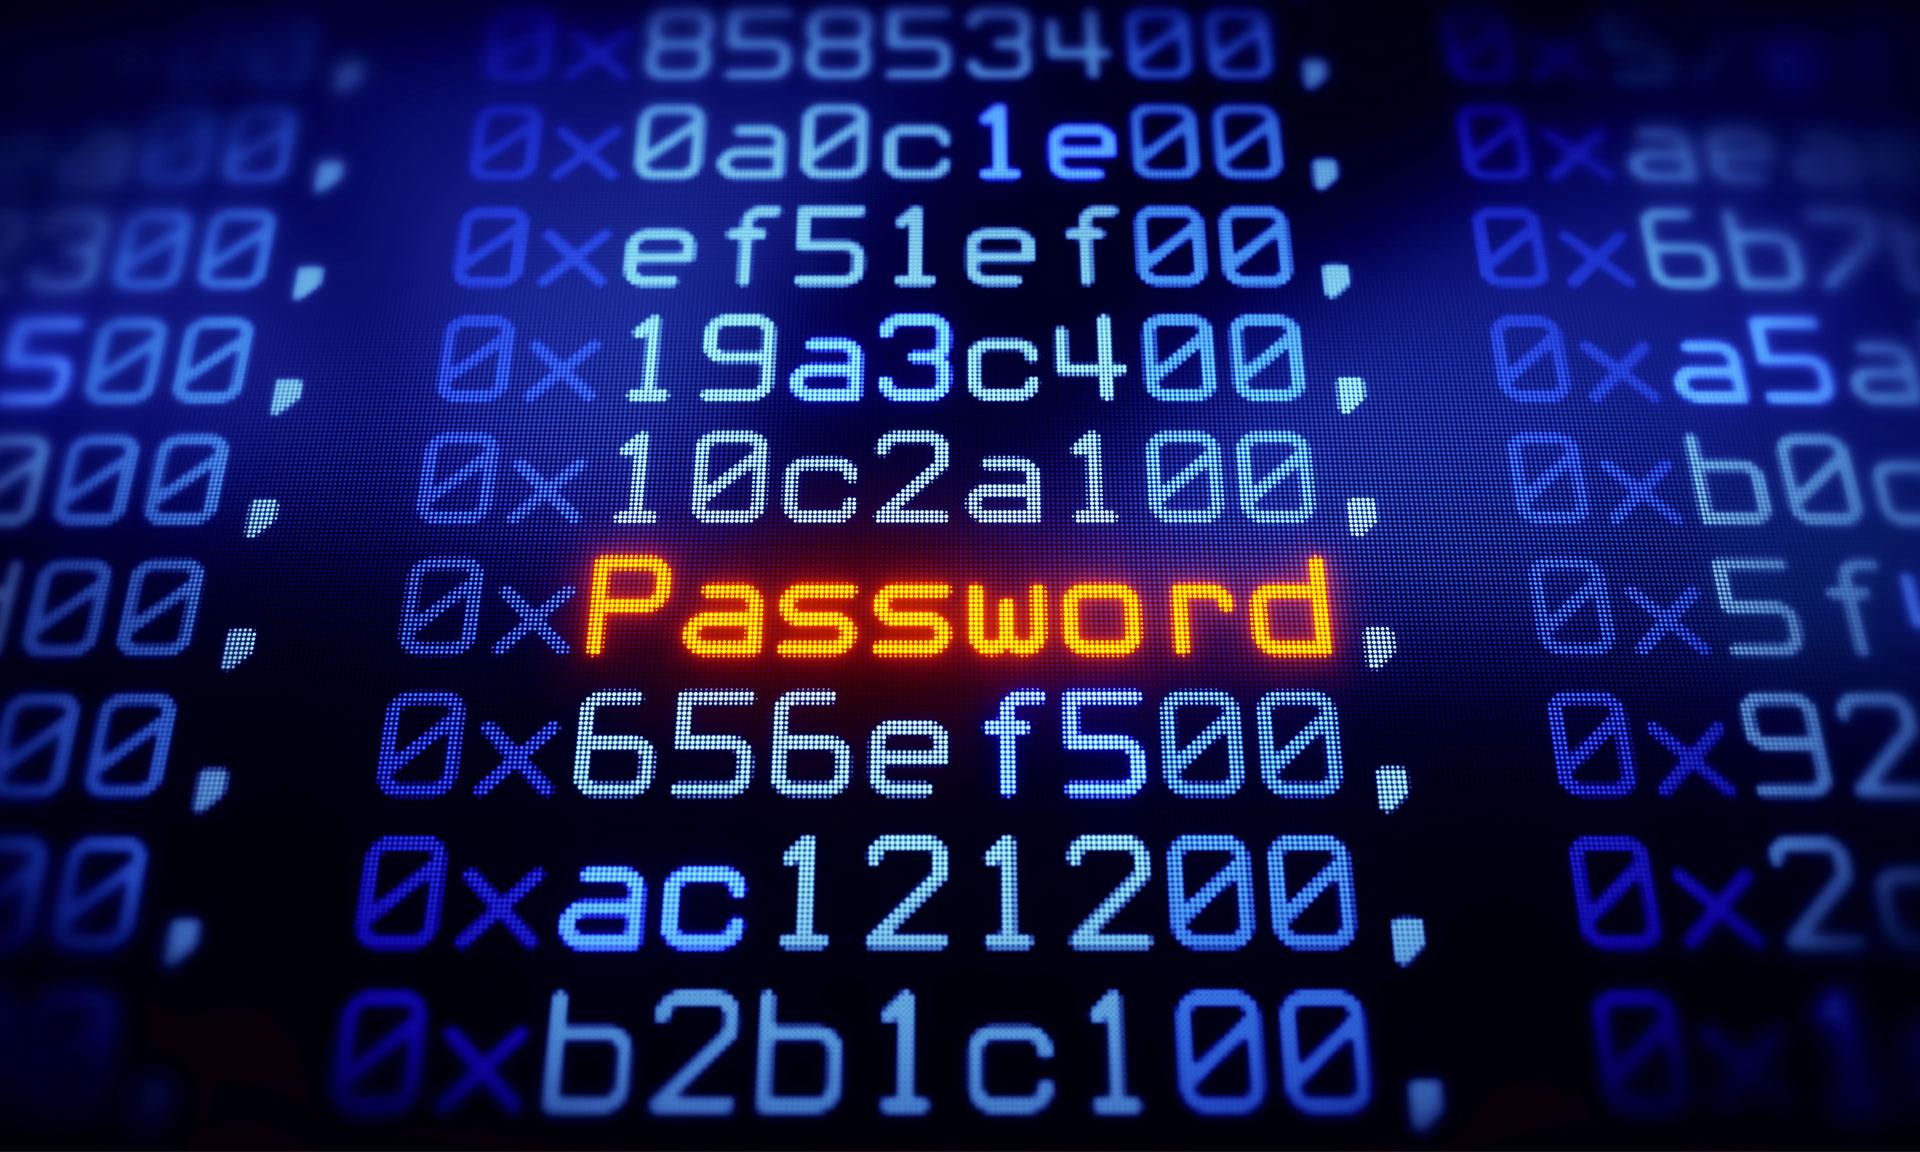 Заканчивается 2020 год, а список худших паролей все еще возглавляет «123456»